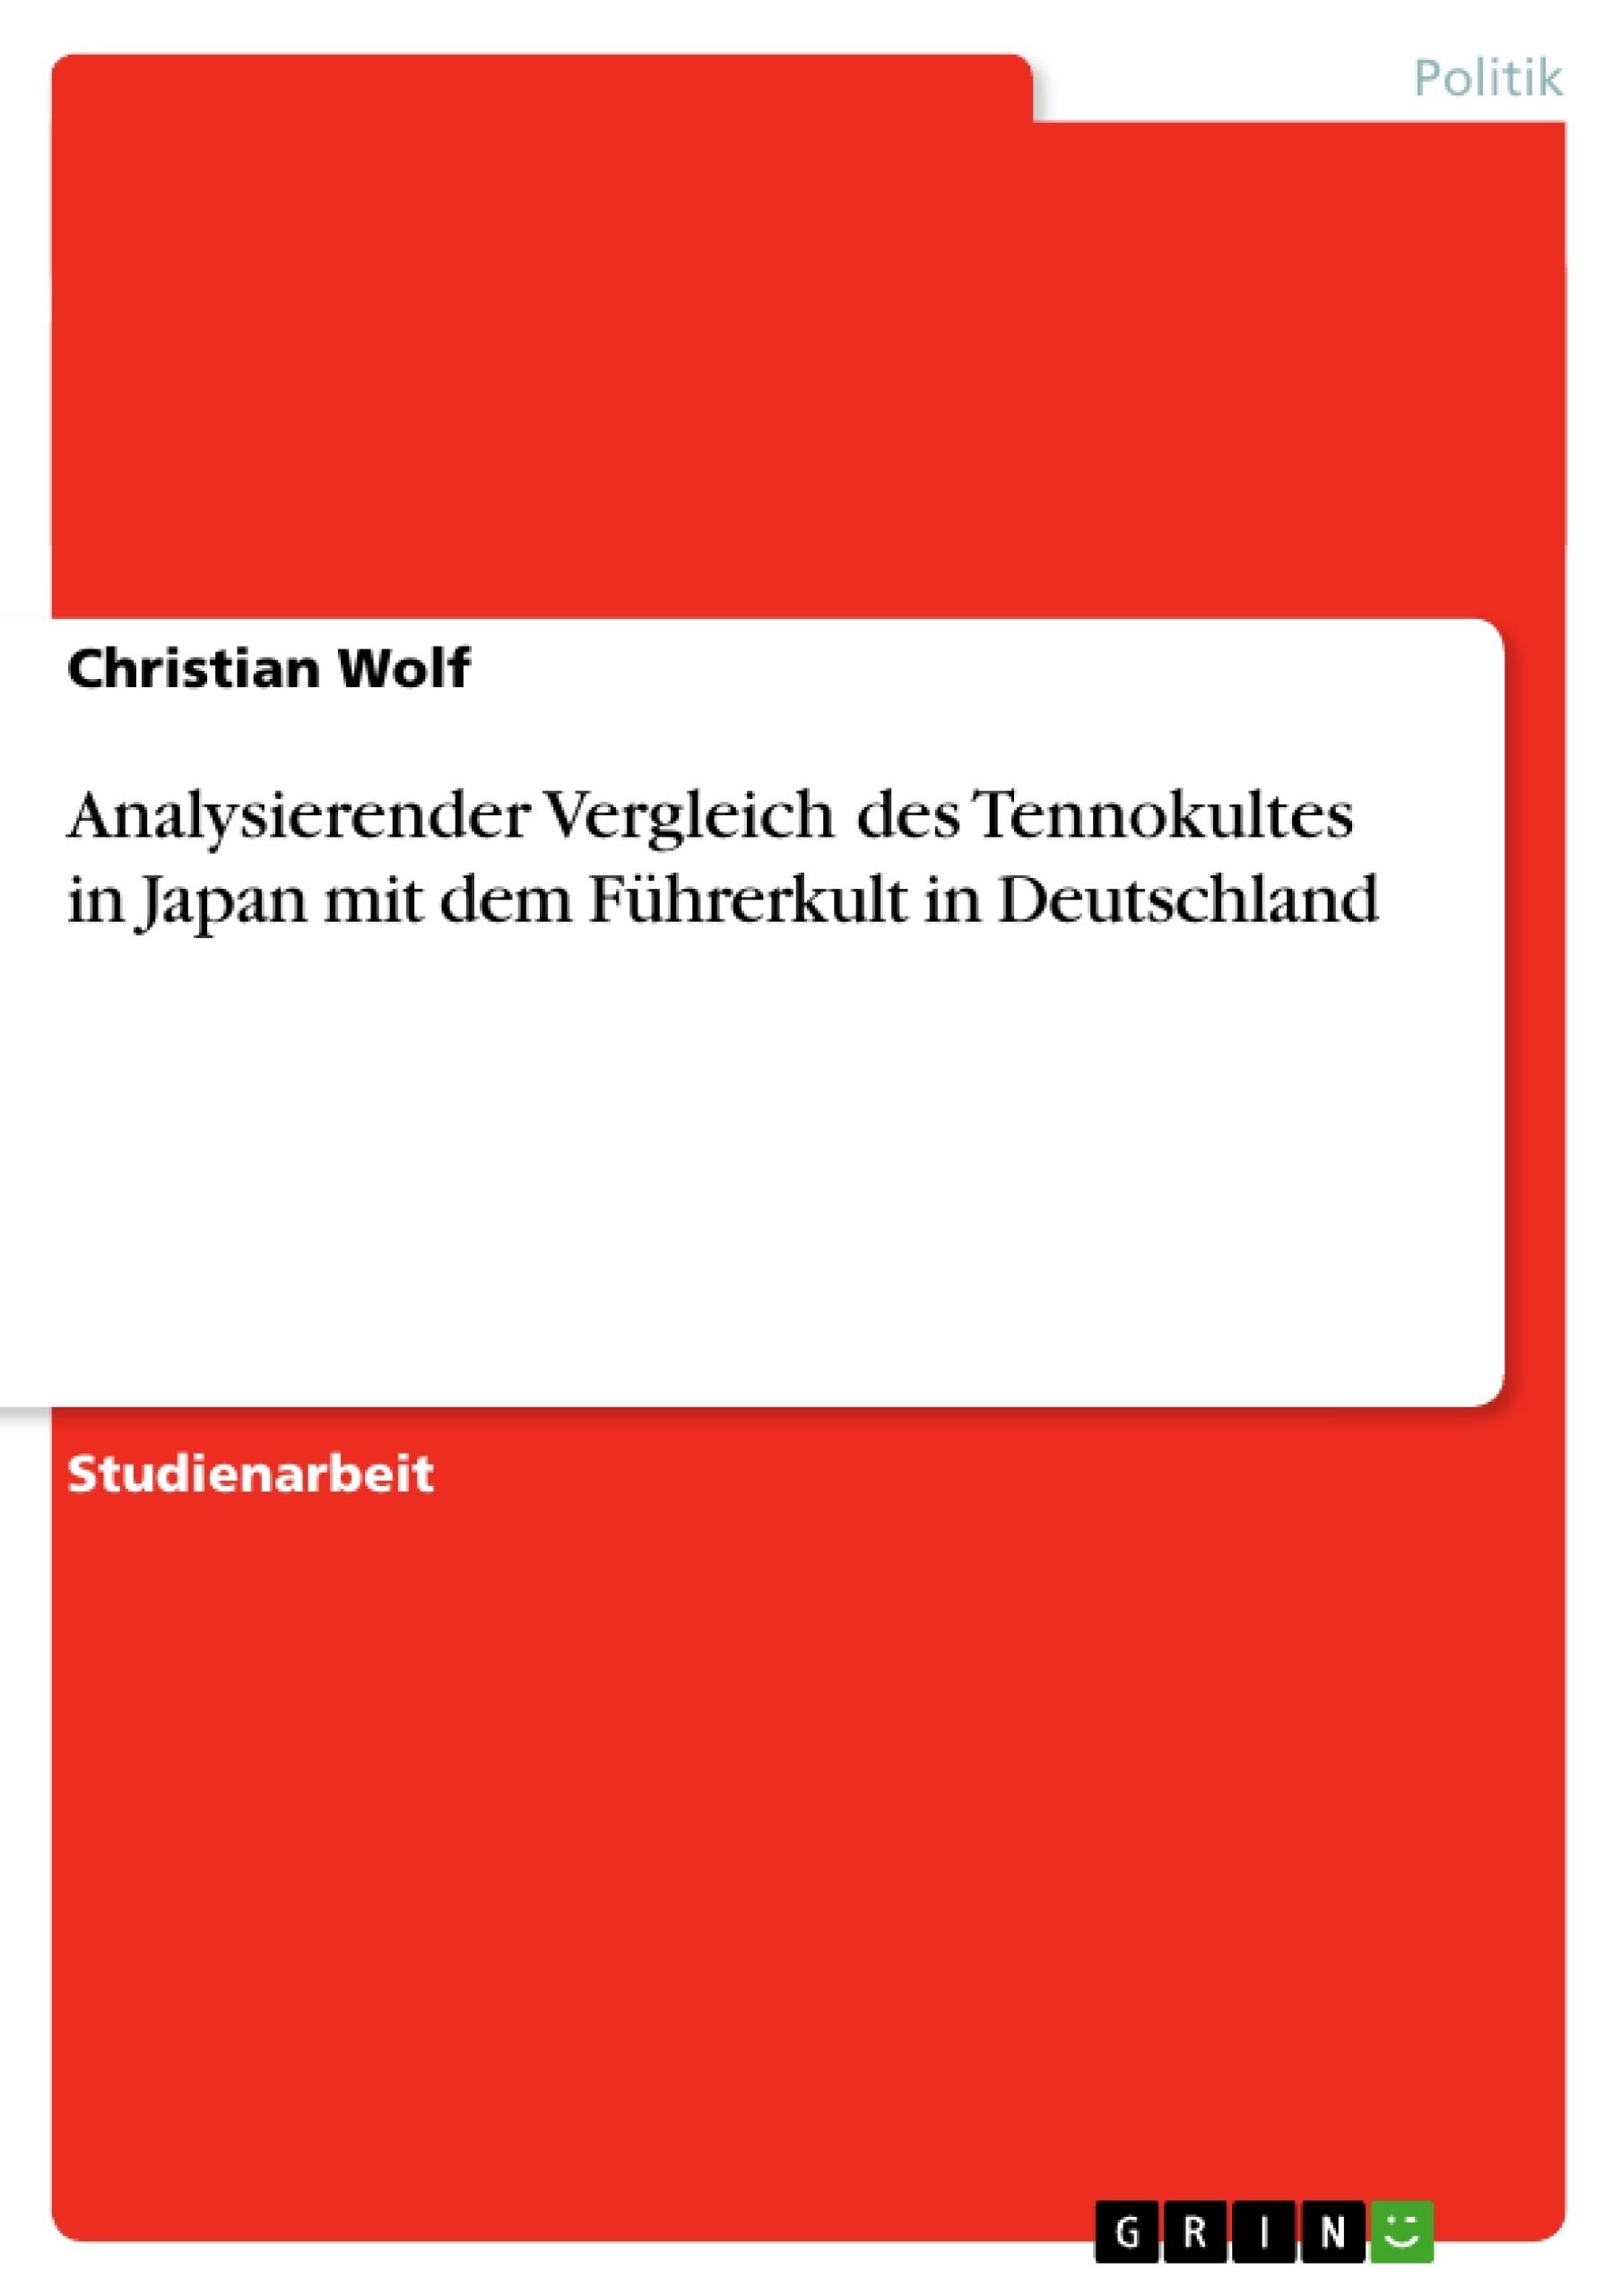 Titel: Analysierender Vergleich des Tennokultes in Japan mit dem Führerkult in Deutschland